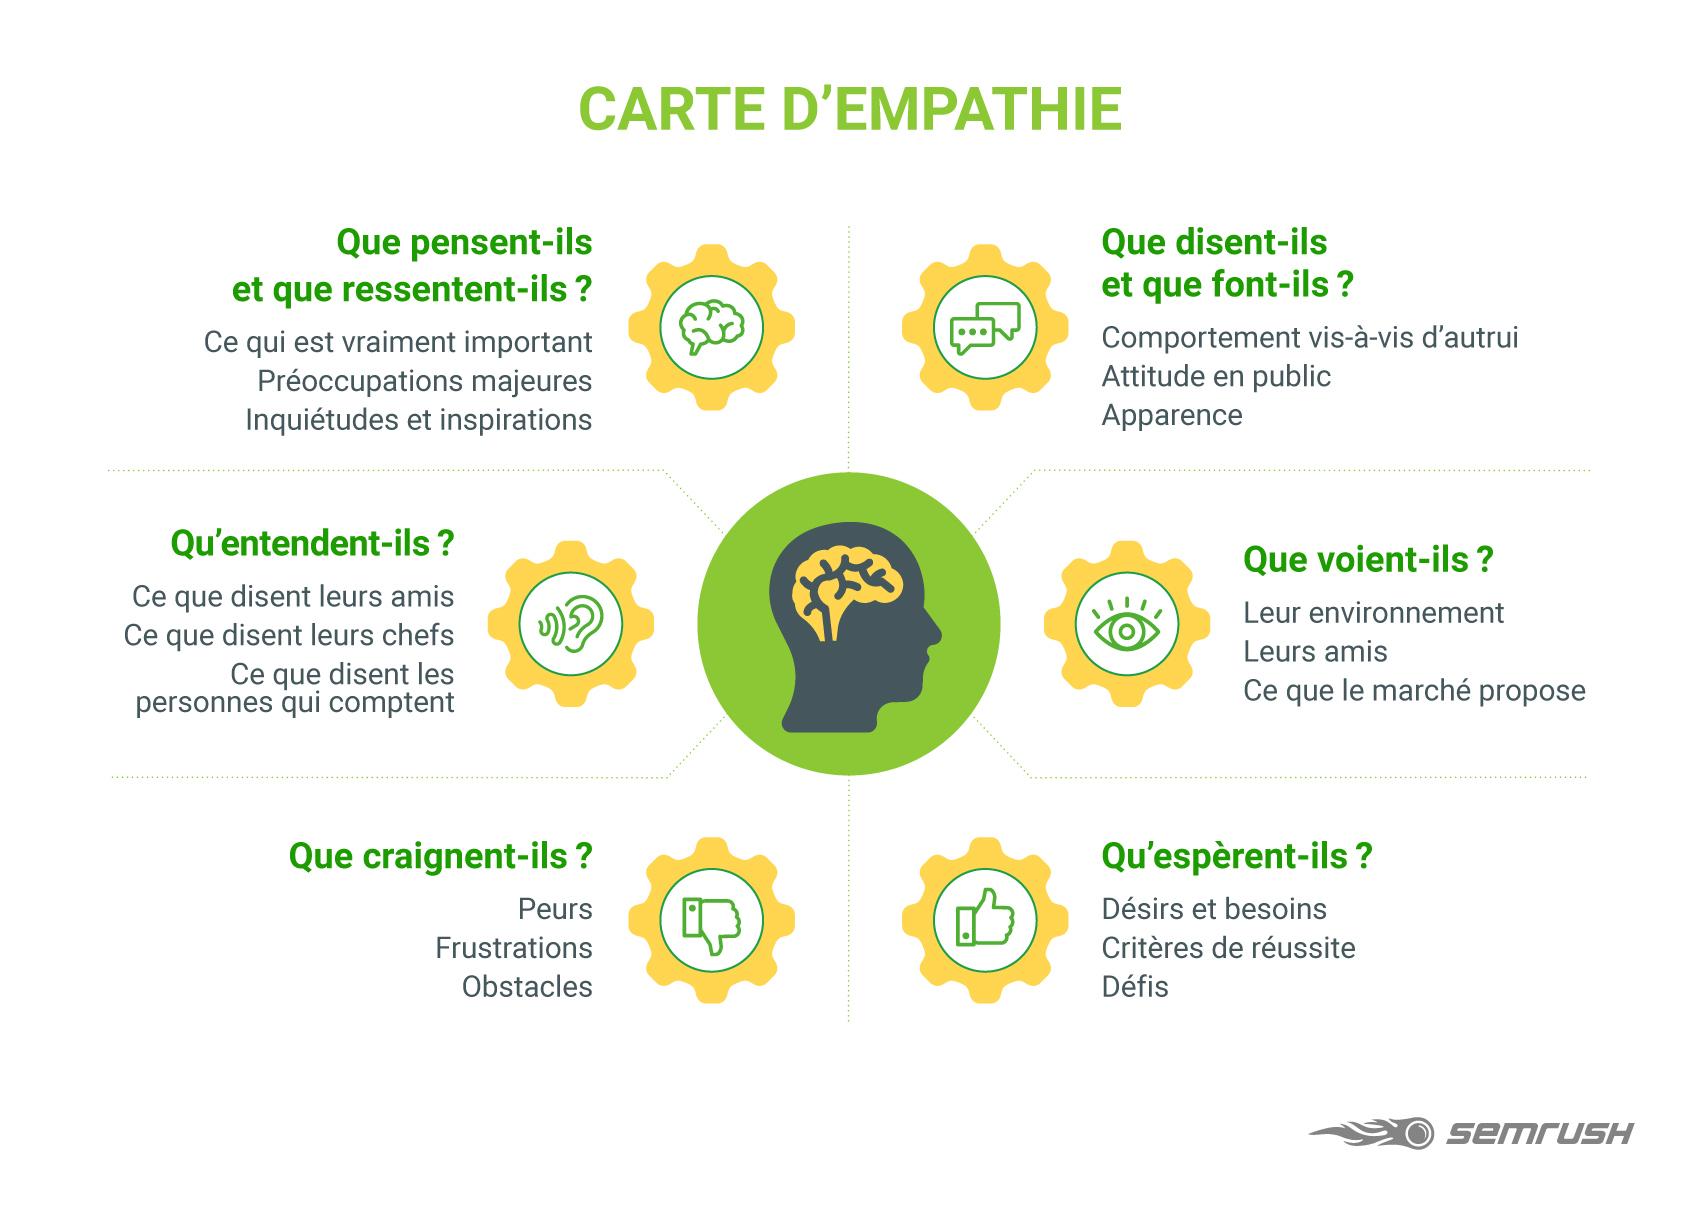 carte d'empathie